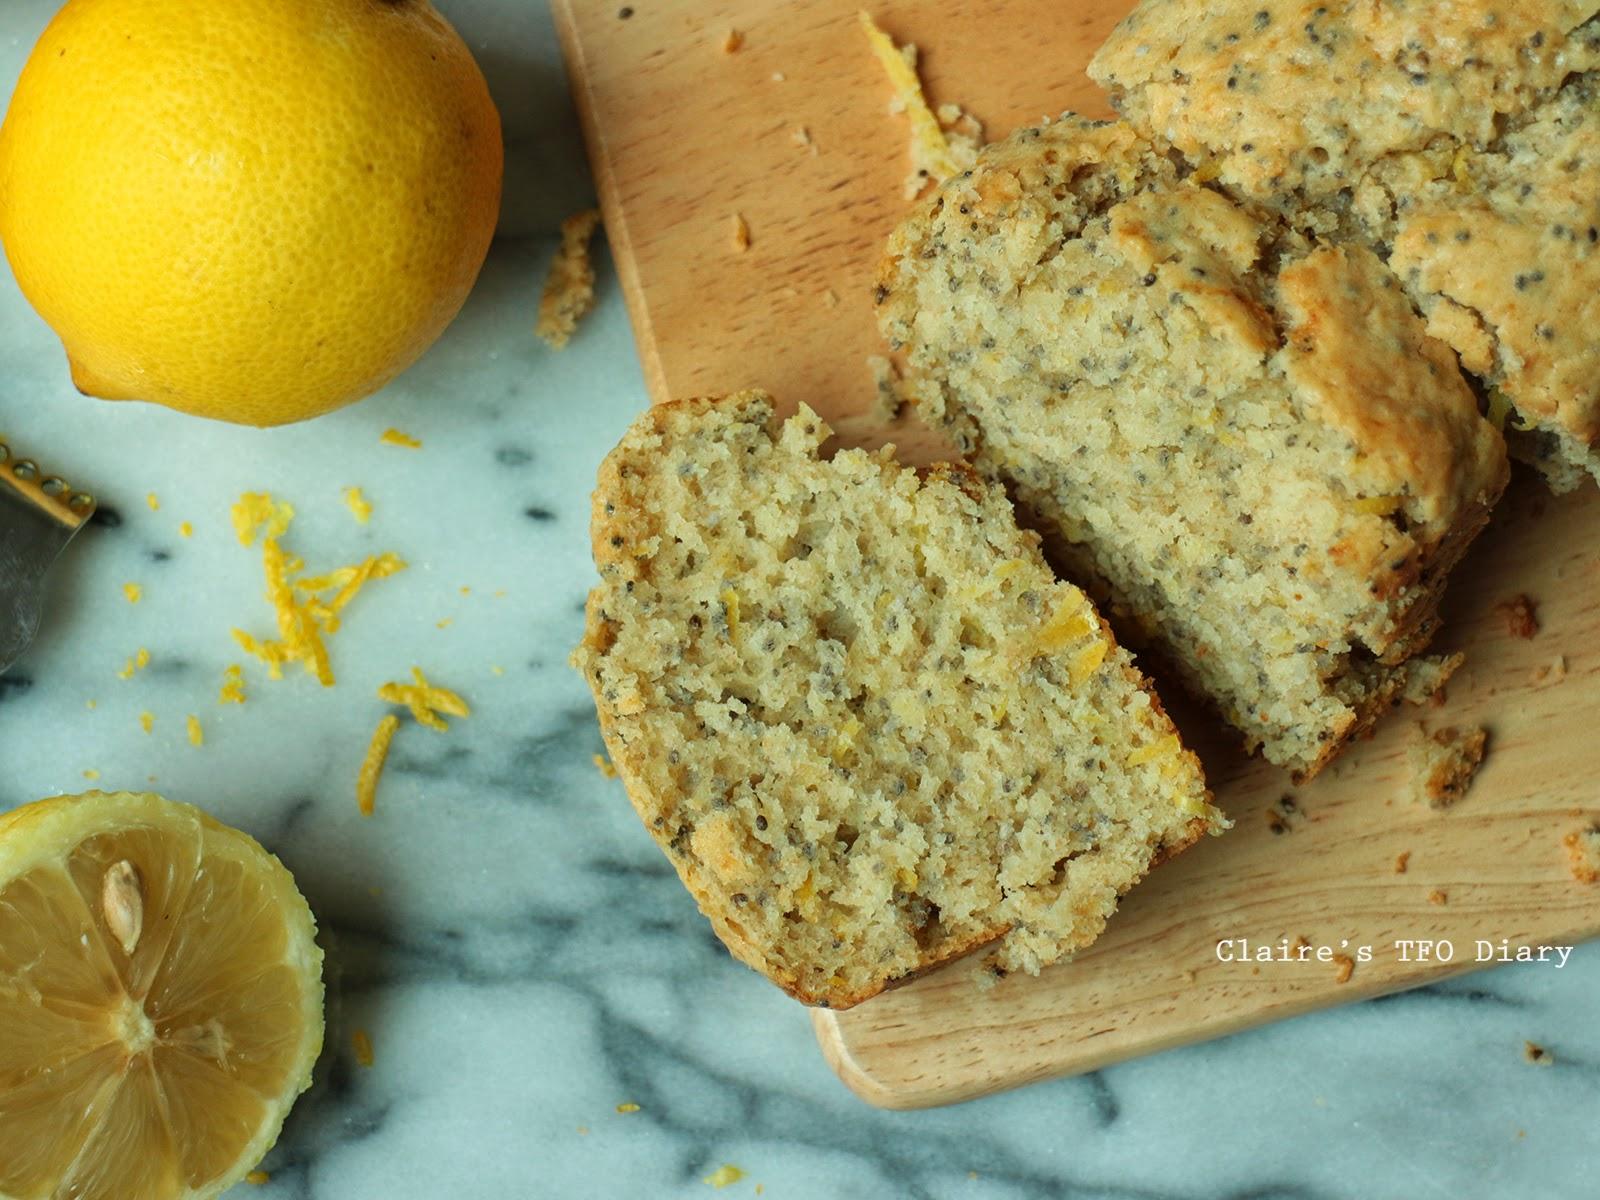 夏天來點清爽微酸的口味 – 檸檬奇亞籽偽磅蛋糕